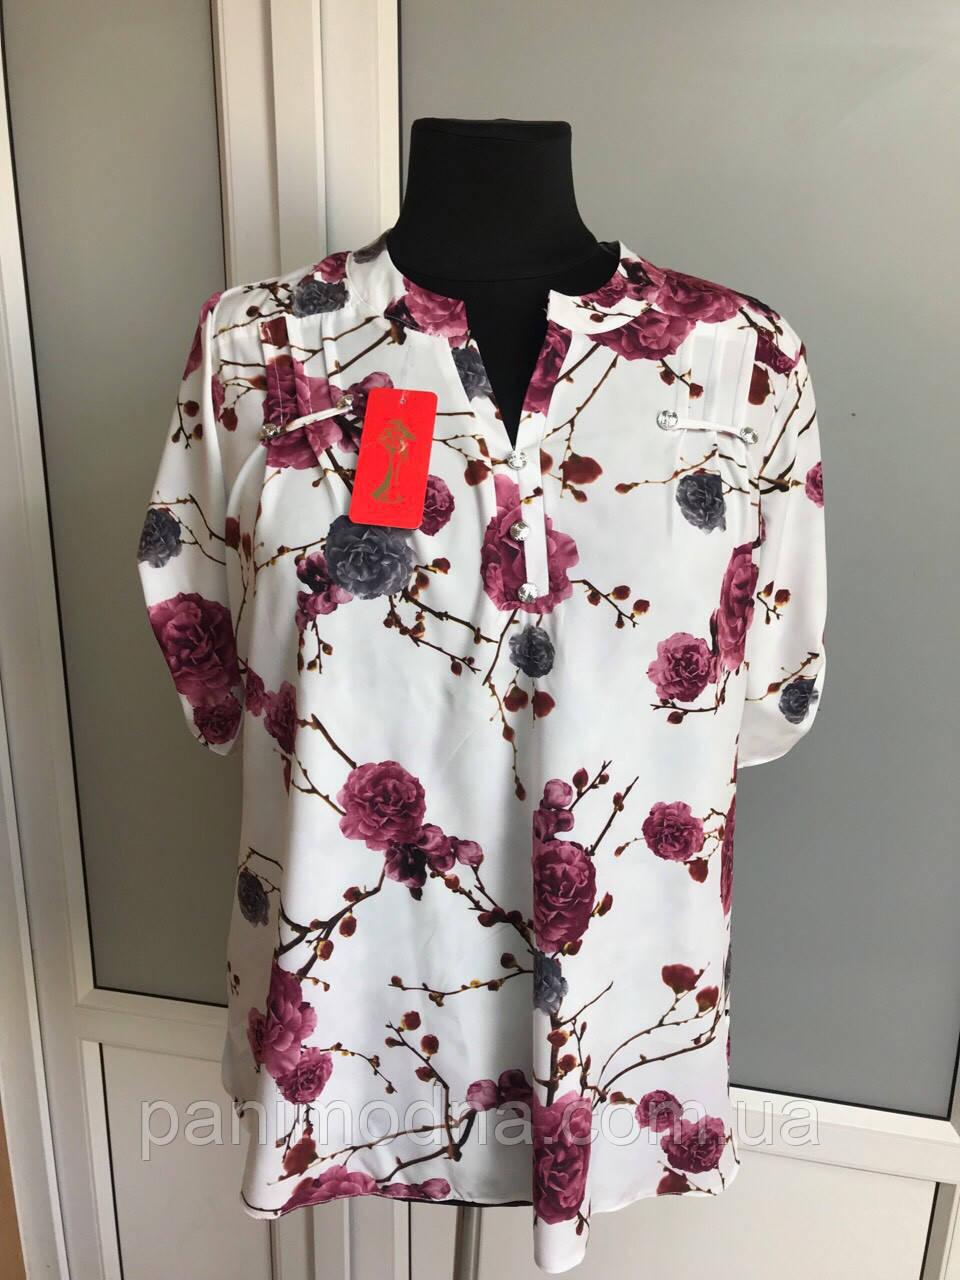 """Блуза женская """"Виктория"""". От производителя - швейная фабрика."""